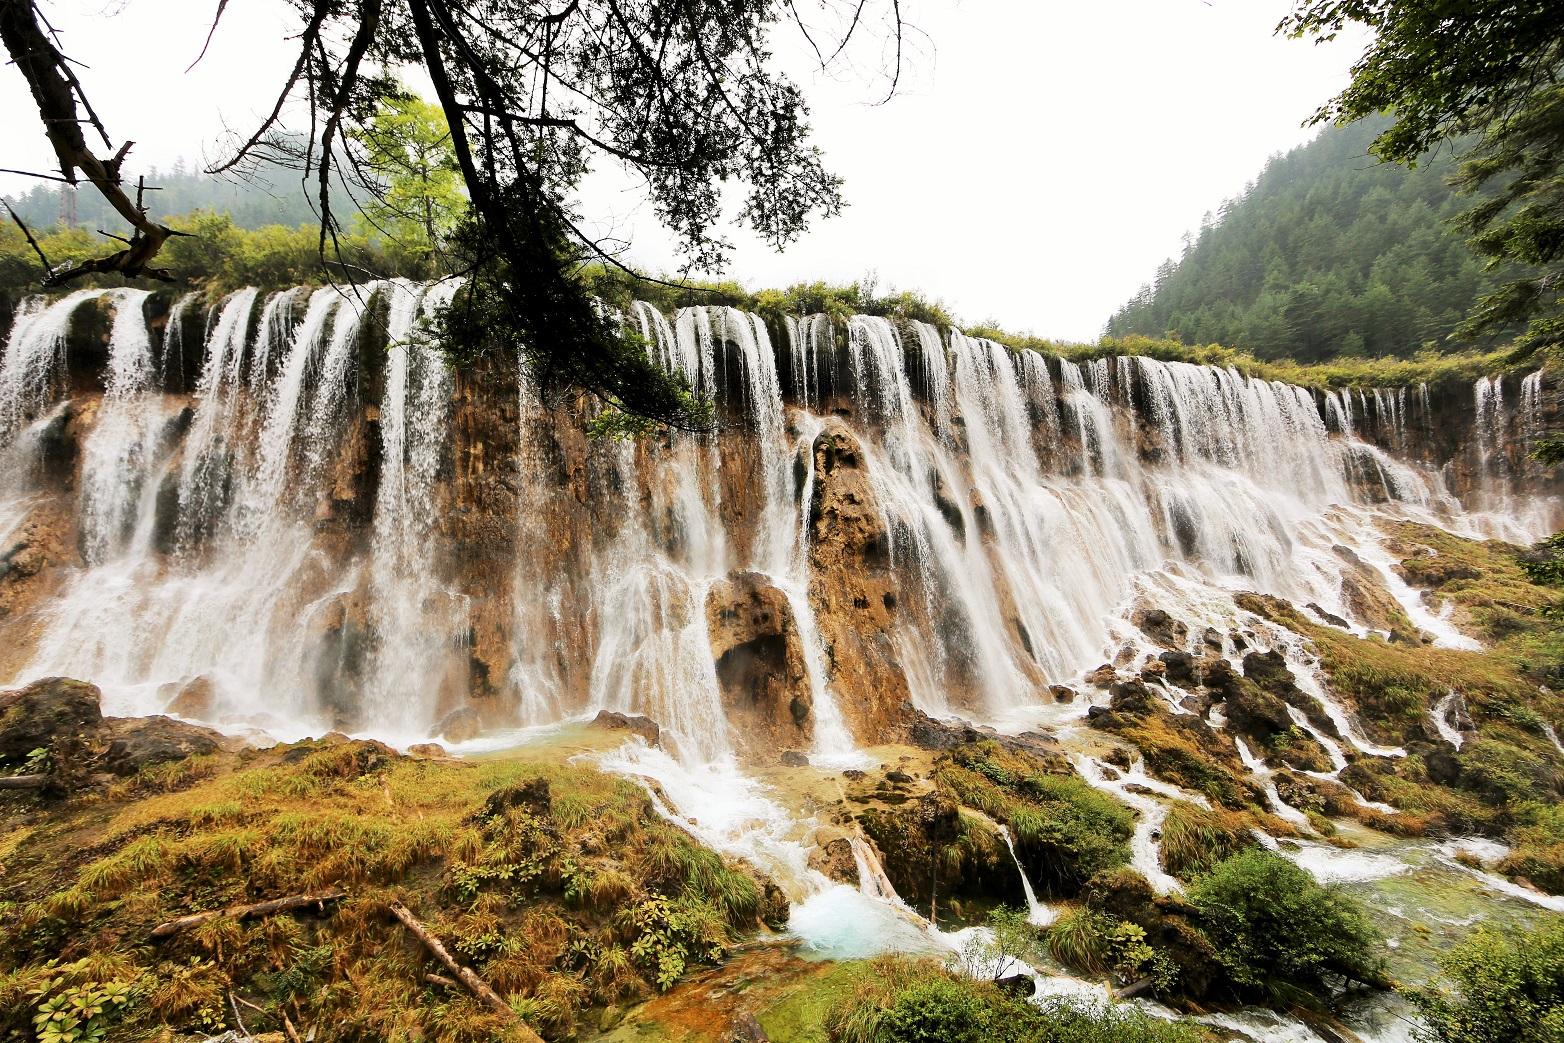 2014-08-21_0947_China_Sichuan_Jiuzhaigou_Nuorilang Falls_@_Web